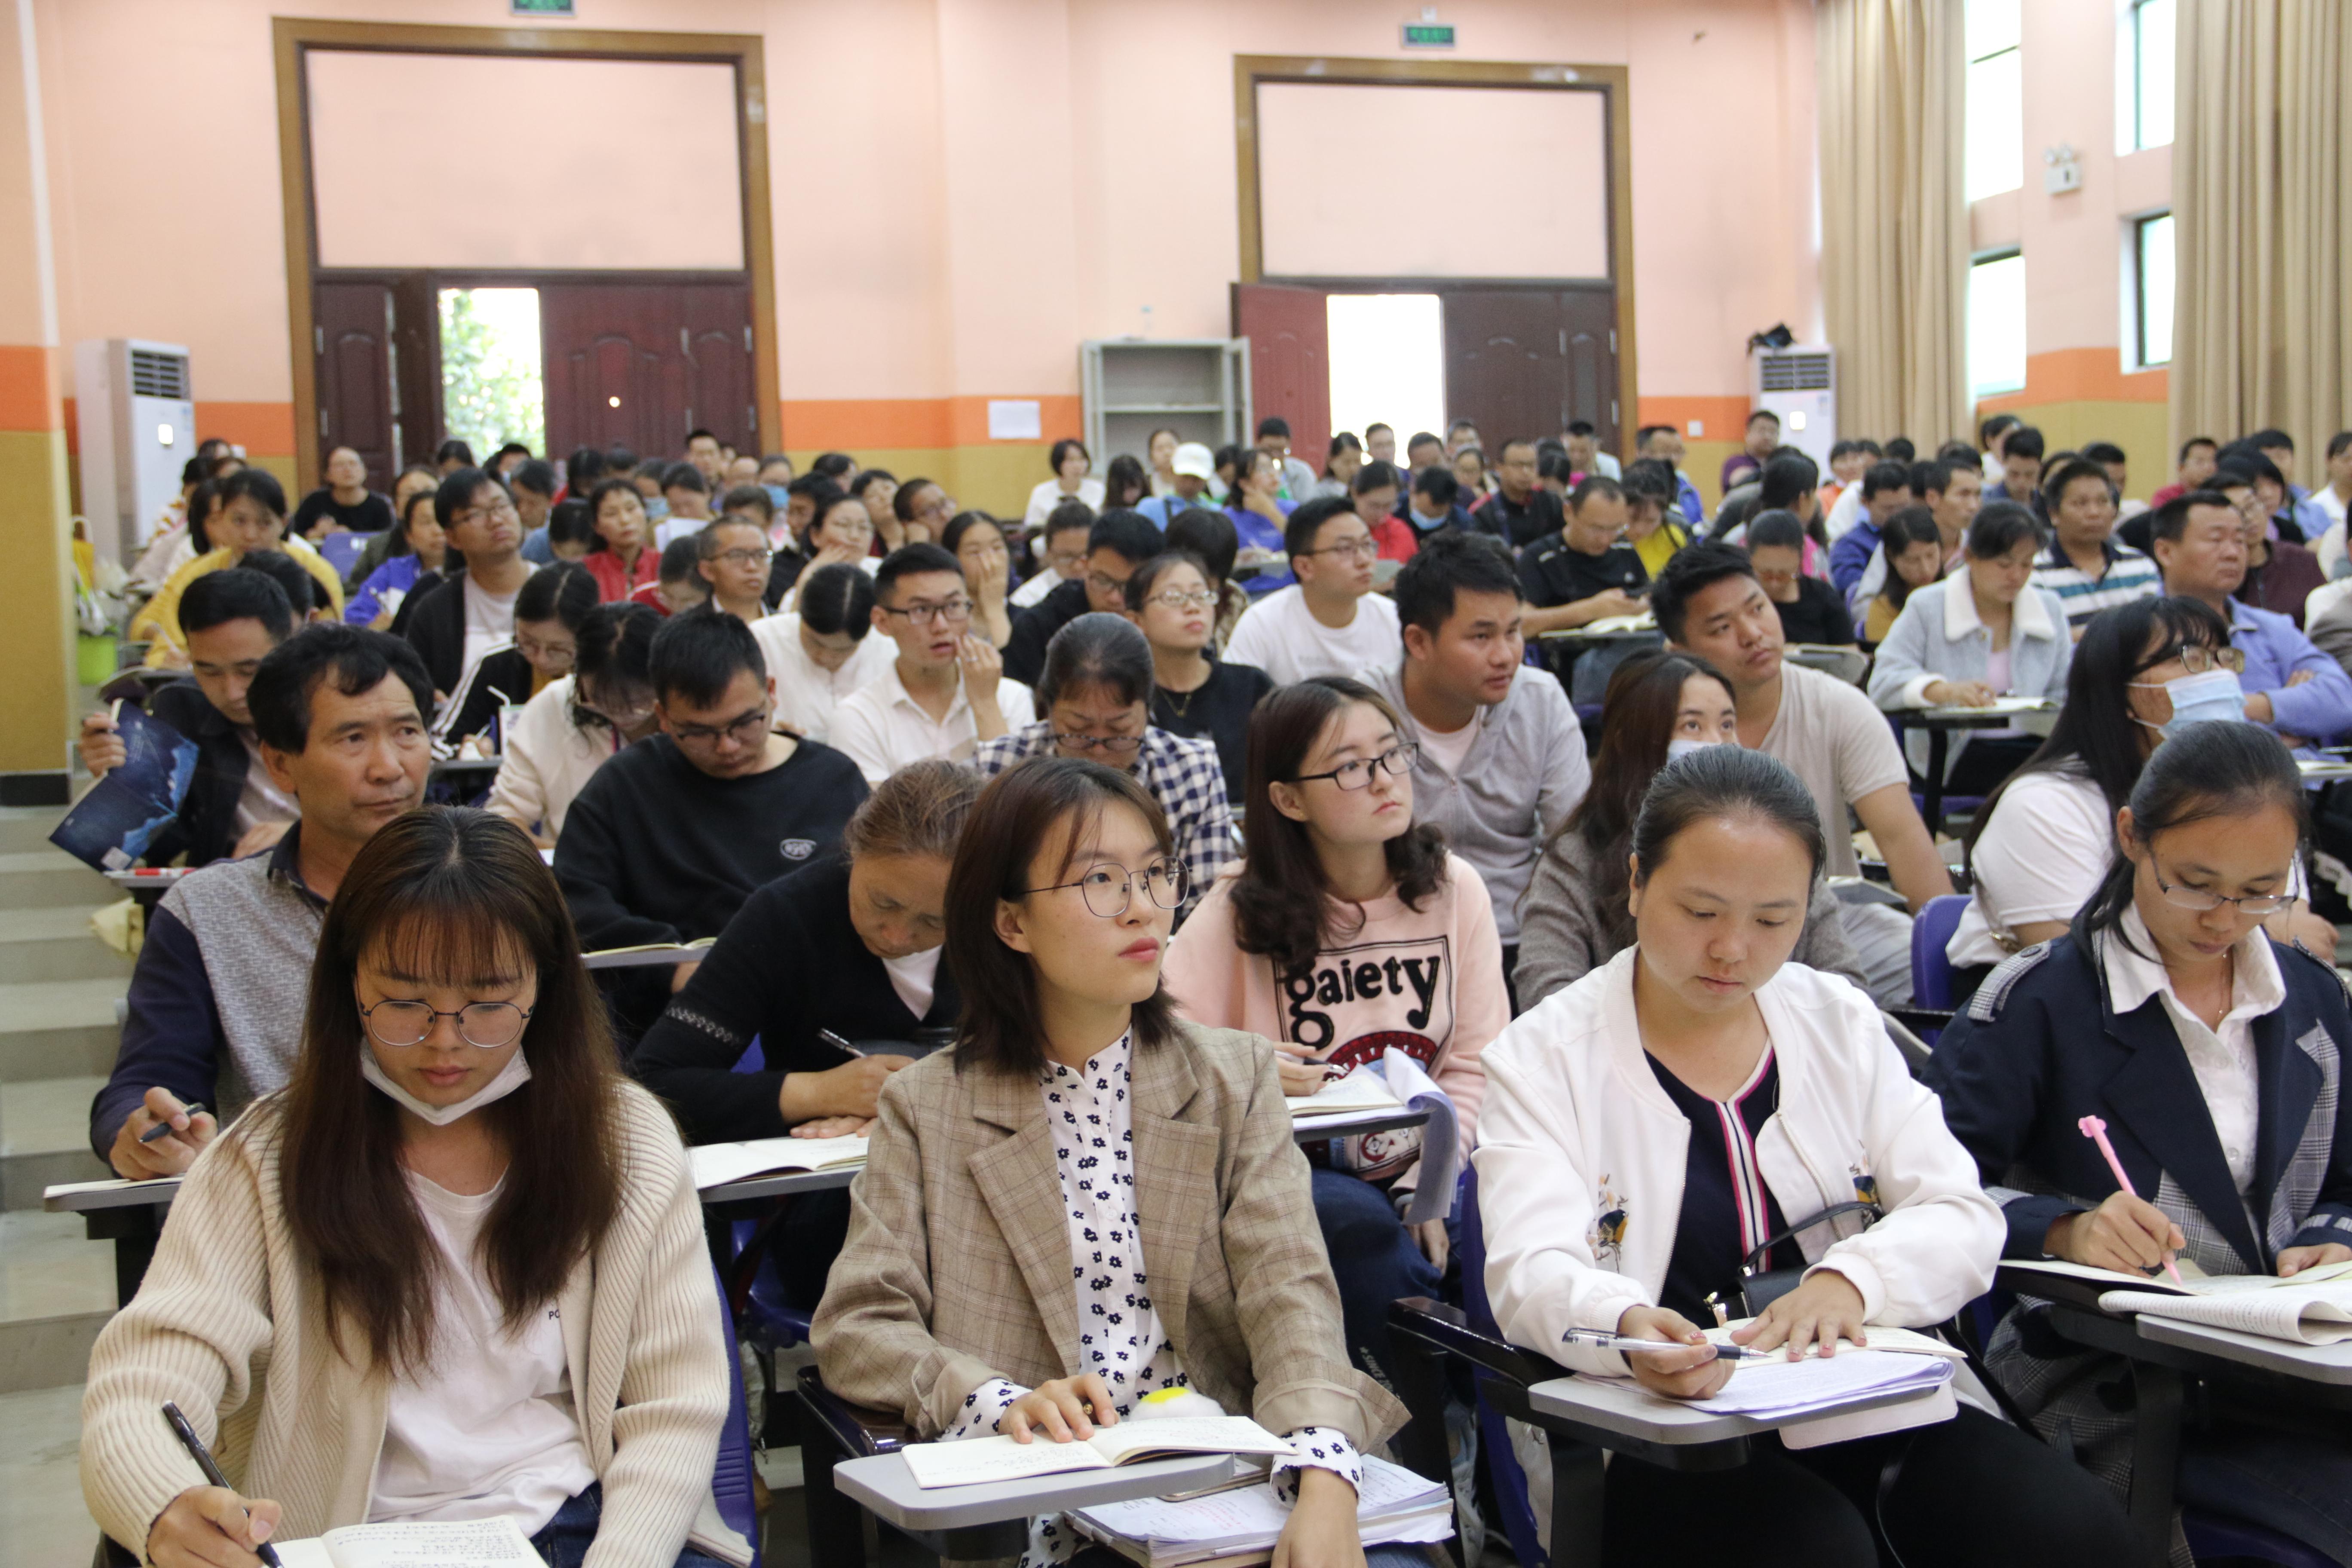 梁河县第一中学进行三年课堂教学质量提升启动会议